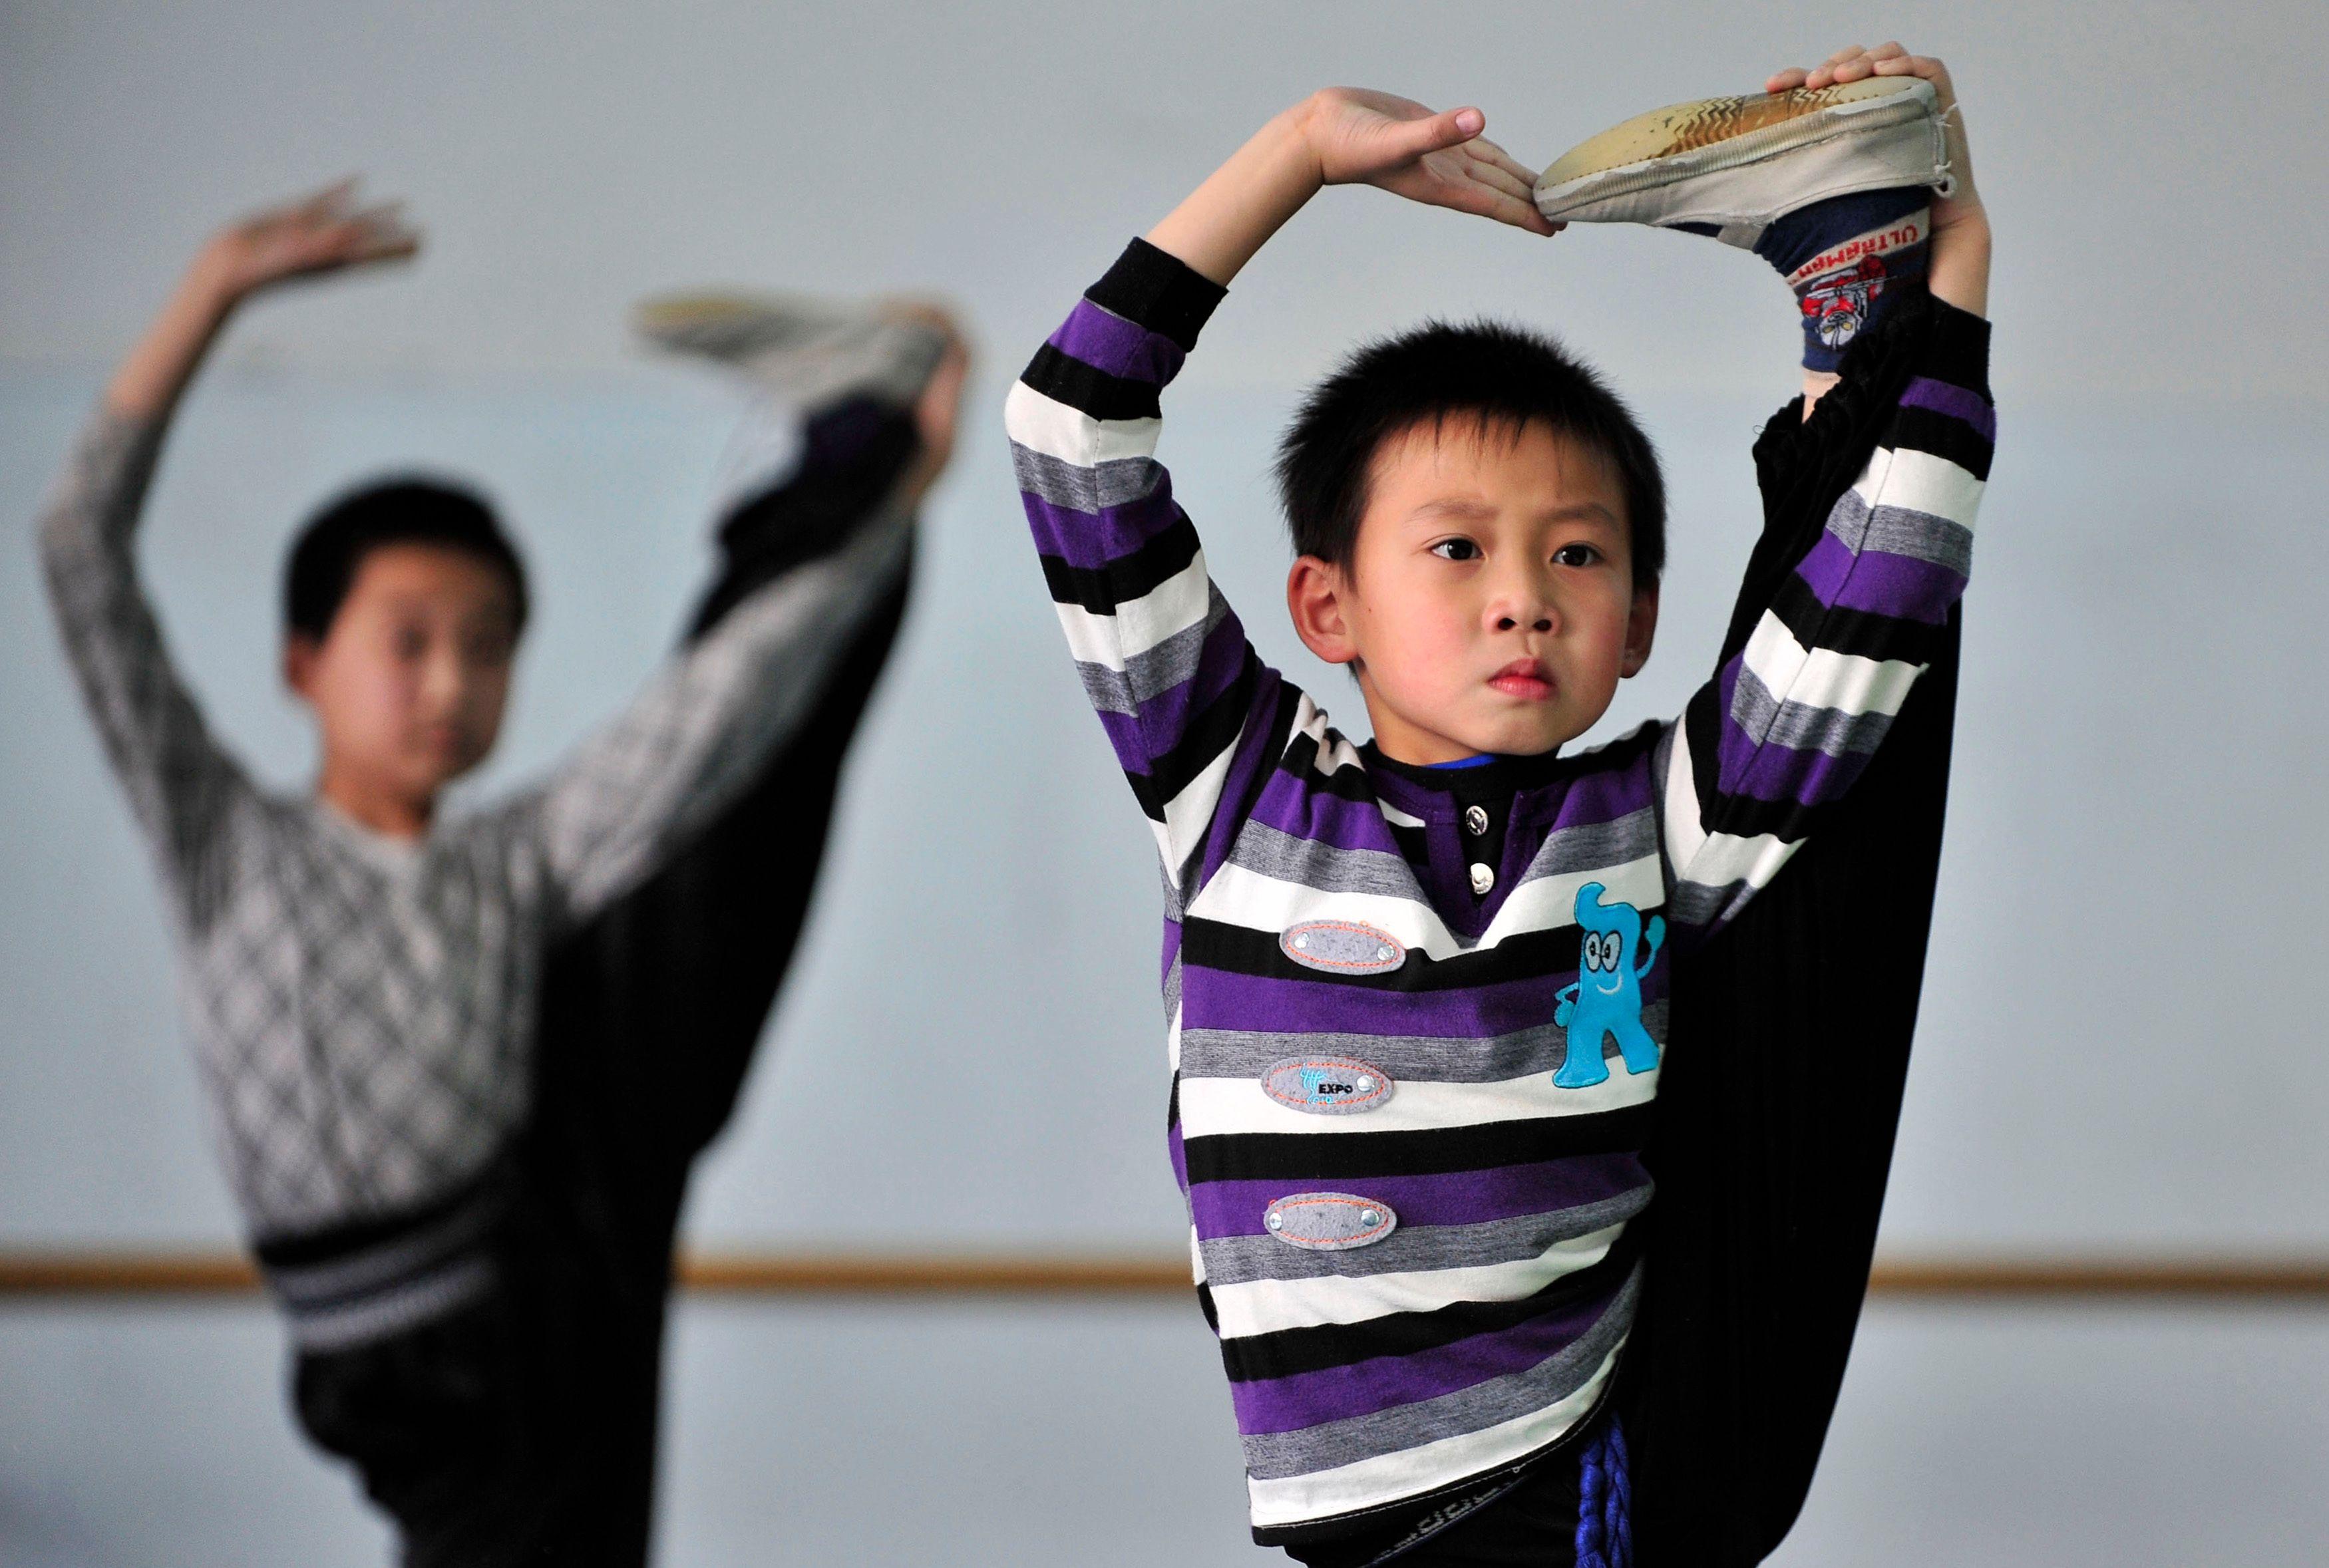 Les parents de nombreux pays asiatiques dépensent 7 fois plus que les Français pour le soutien scolaire à leurs enfants : devrions-nous les imiter ?